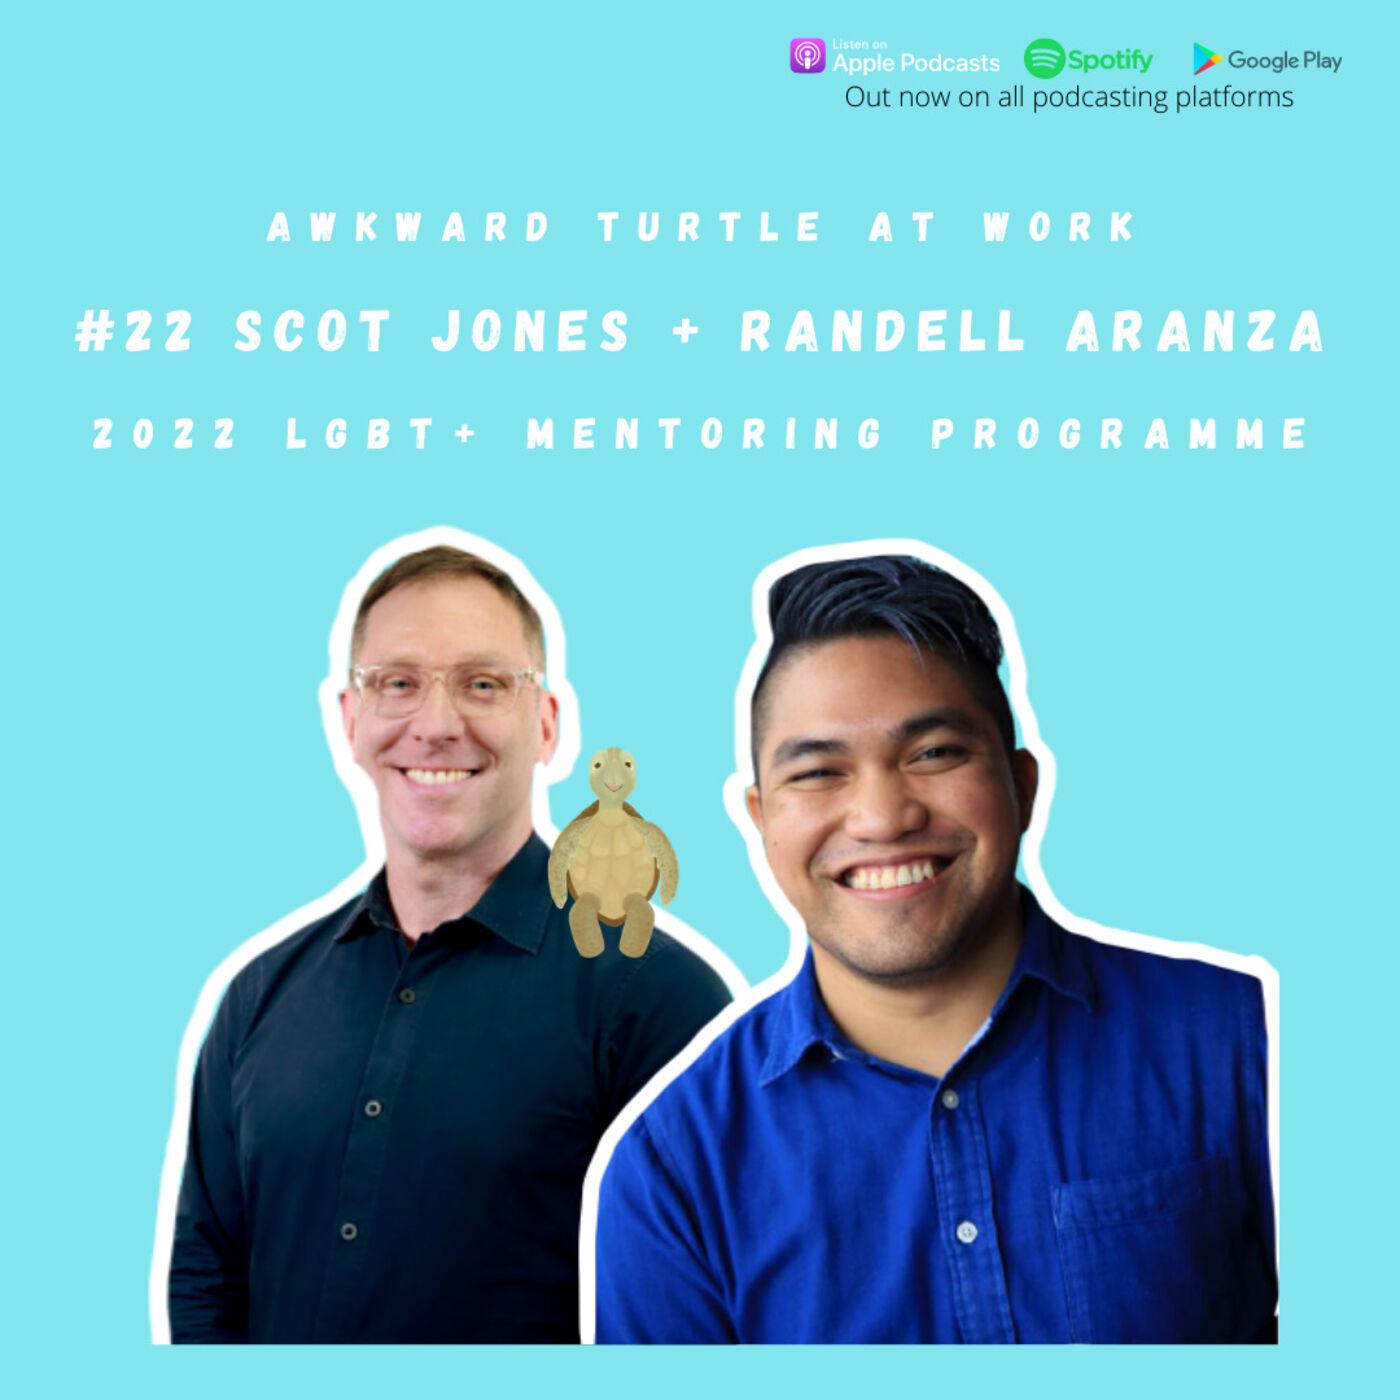 #22 - Should you get a Mentor? 2022 LGBT+ Mentoring Programme - Scot Jones, Randell Aranza